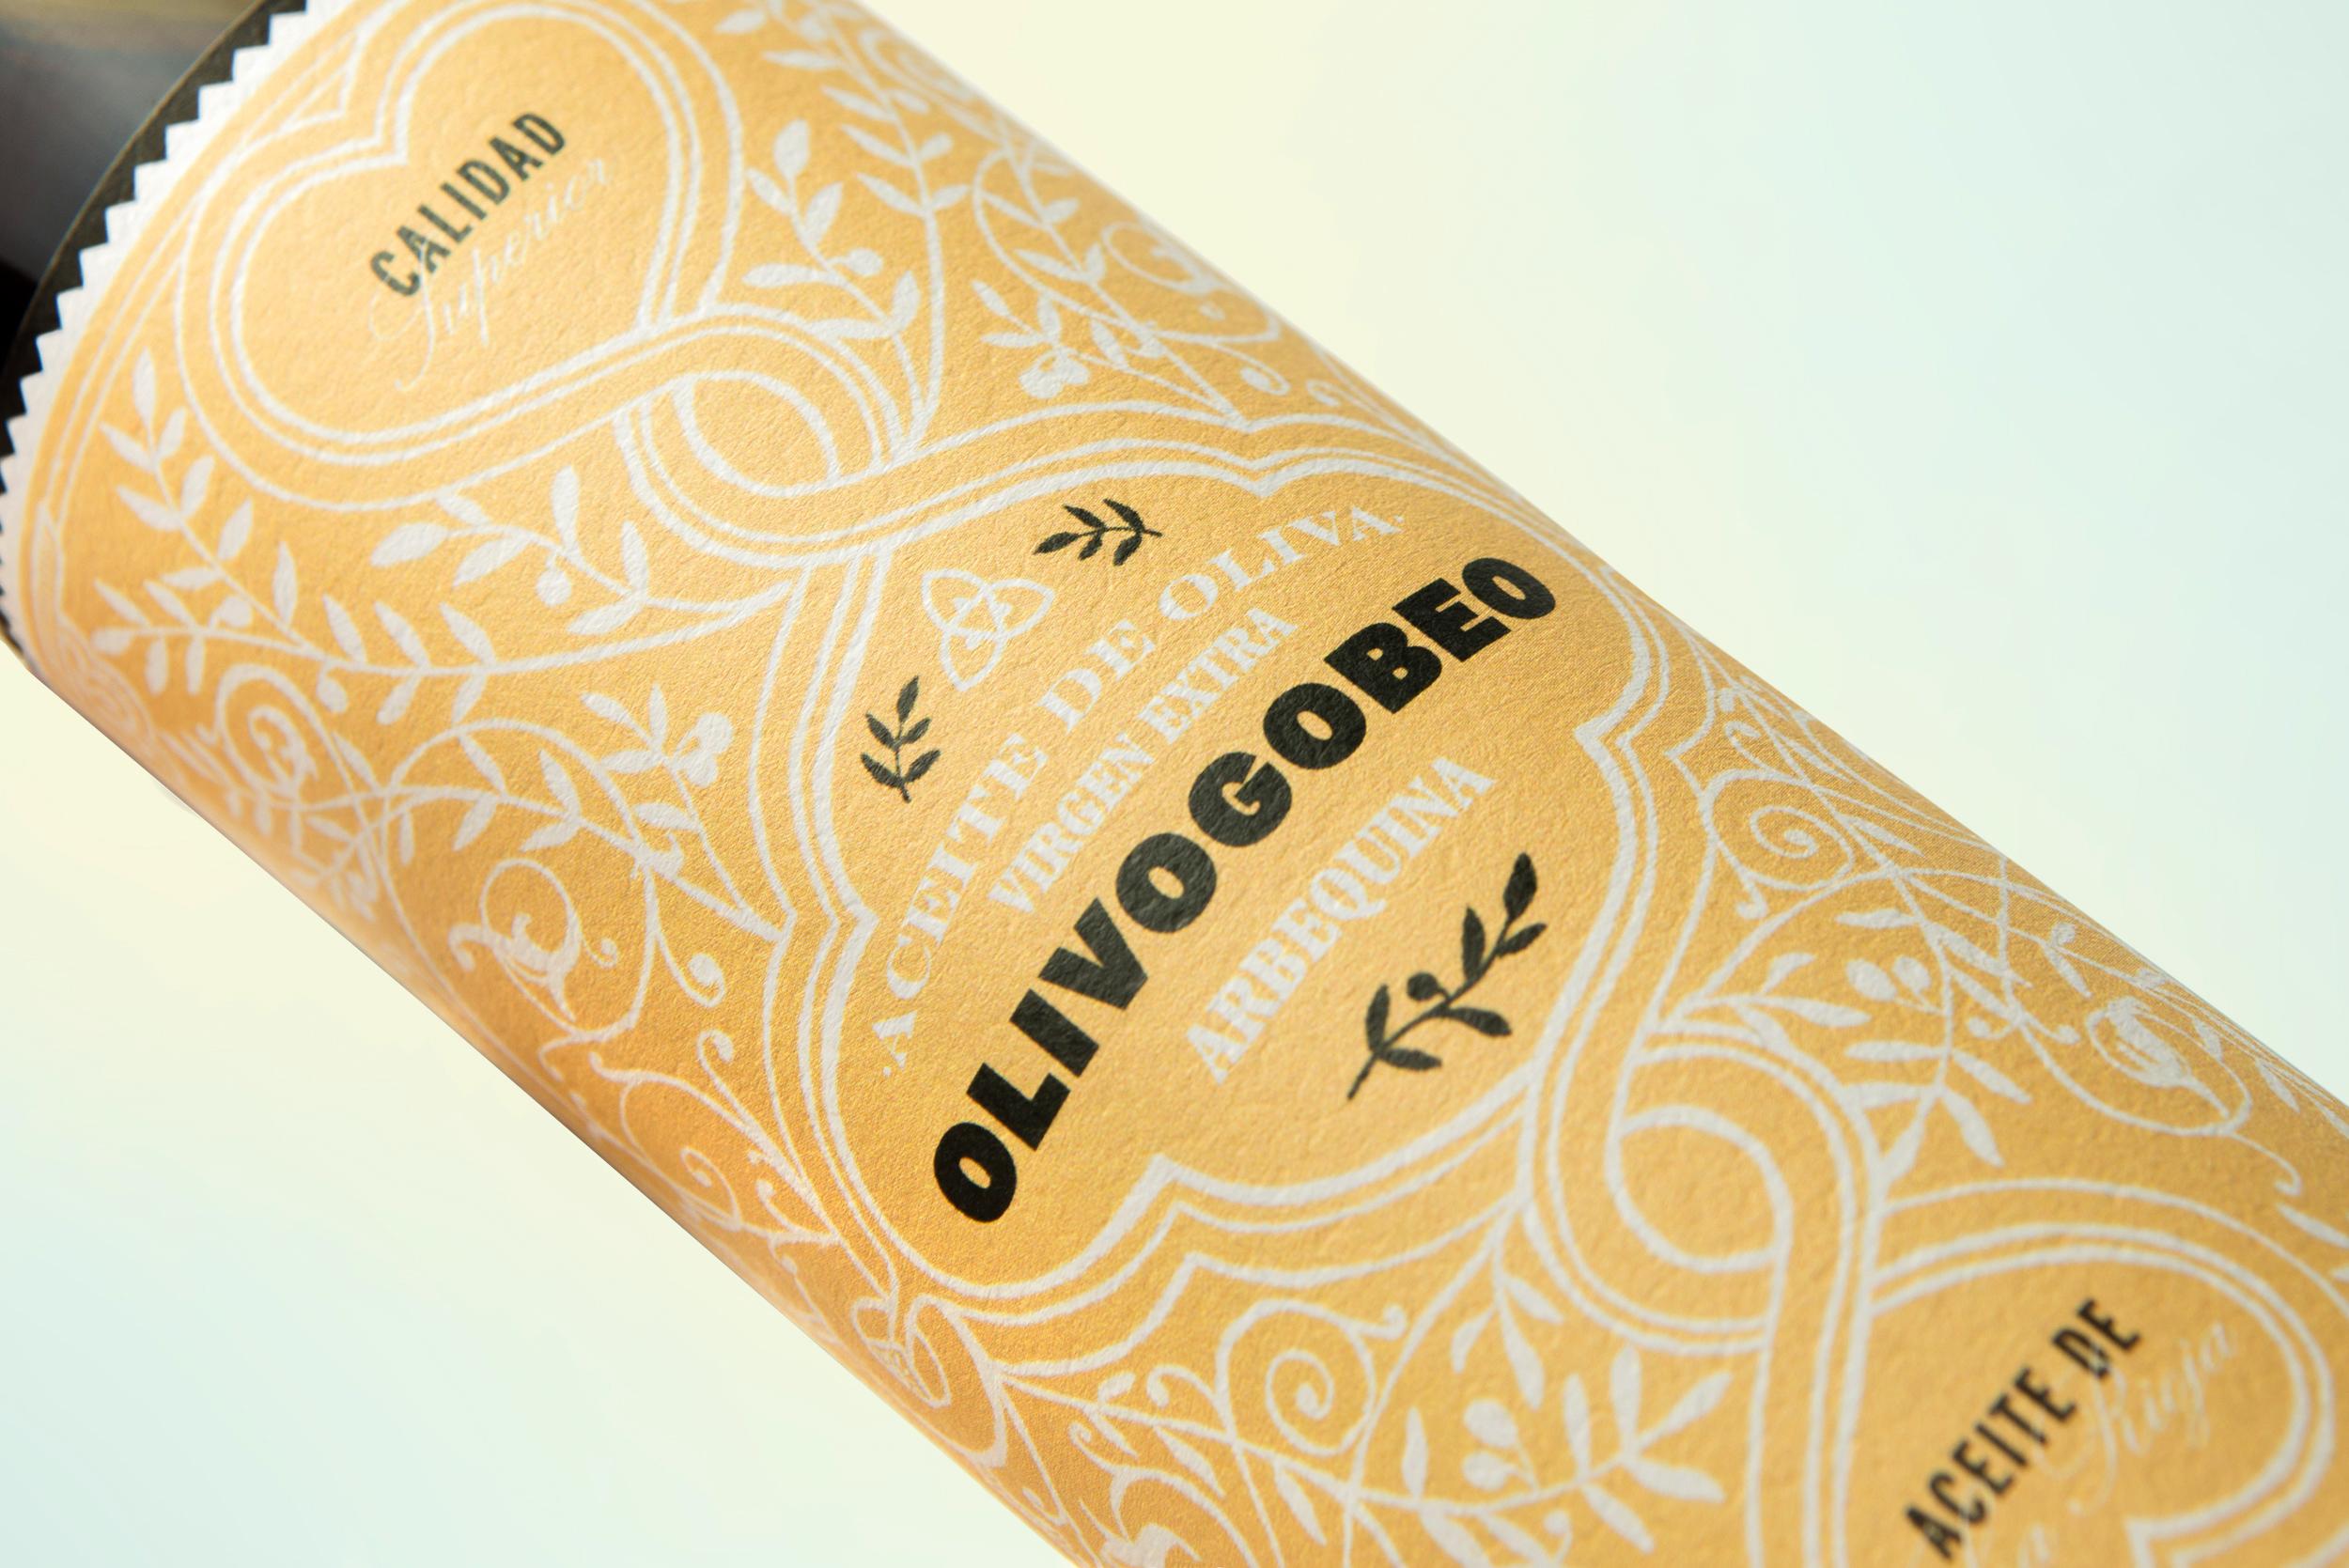 Detalle del diseño de etiquetas aceite de oliva olivogobeo